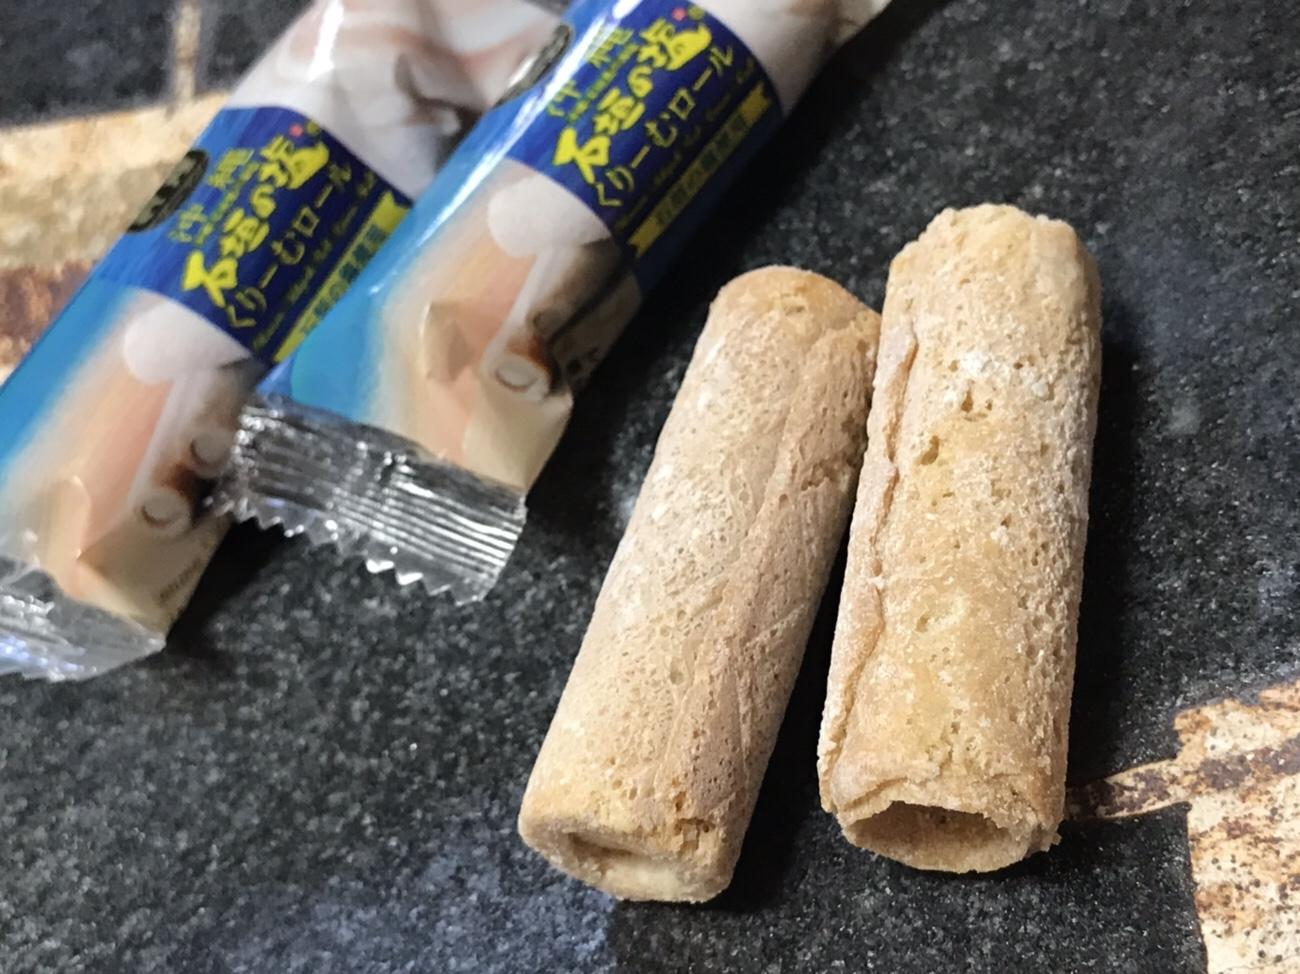 石垣島土産 石垣の塩くりーむロール